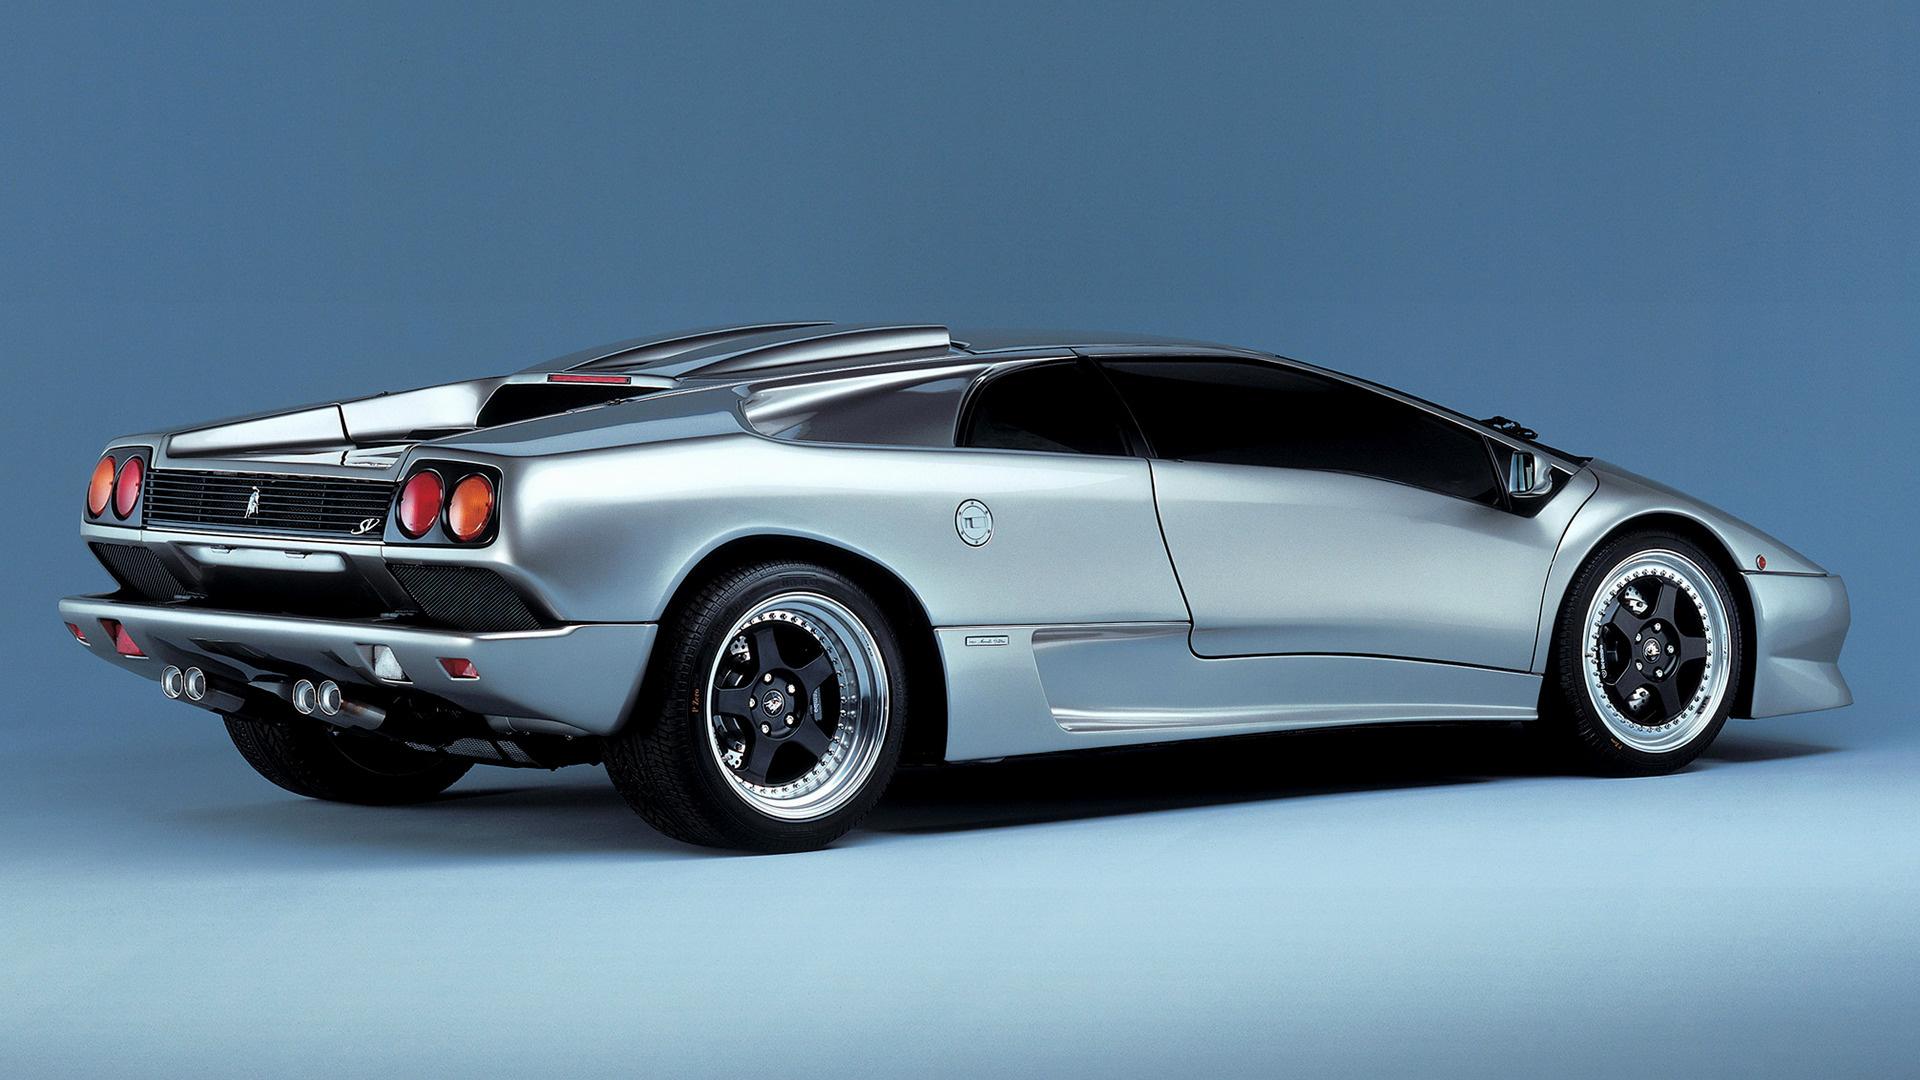 1998 Lamborghini Diablo Sv Wallpapers And Hd Images Car Pixel